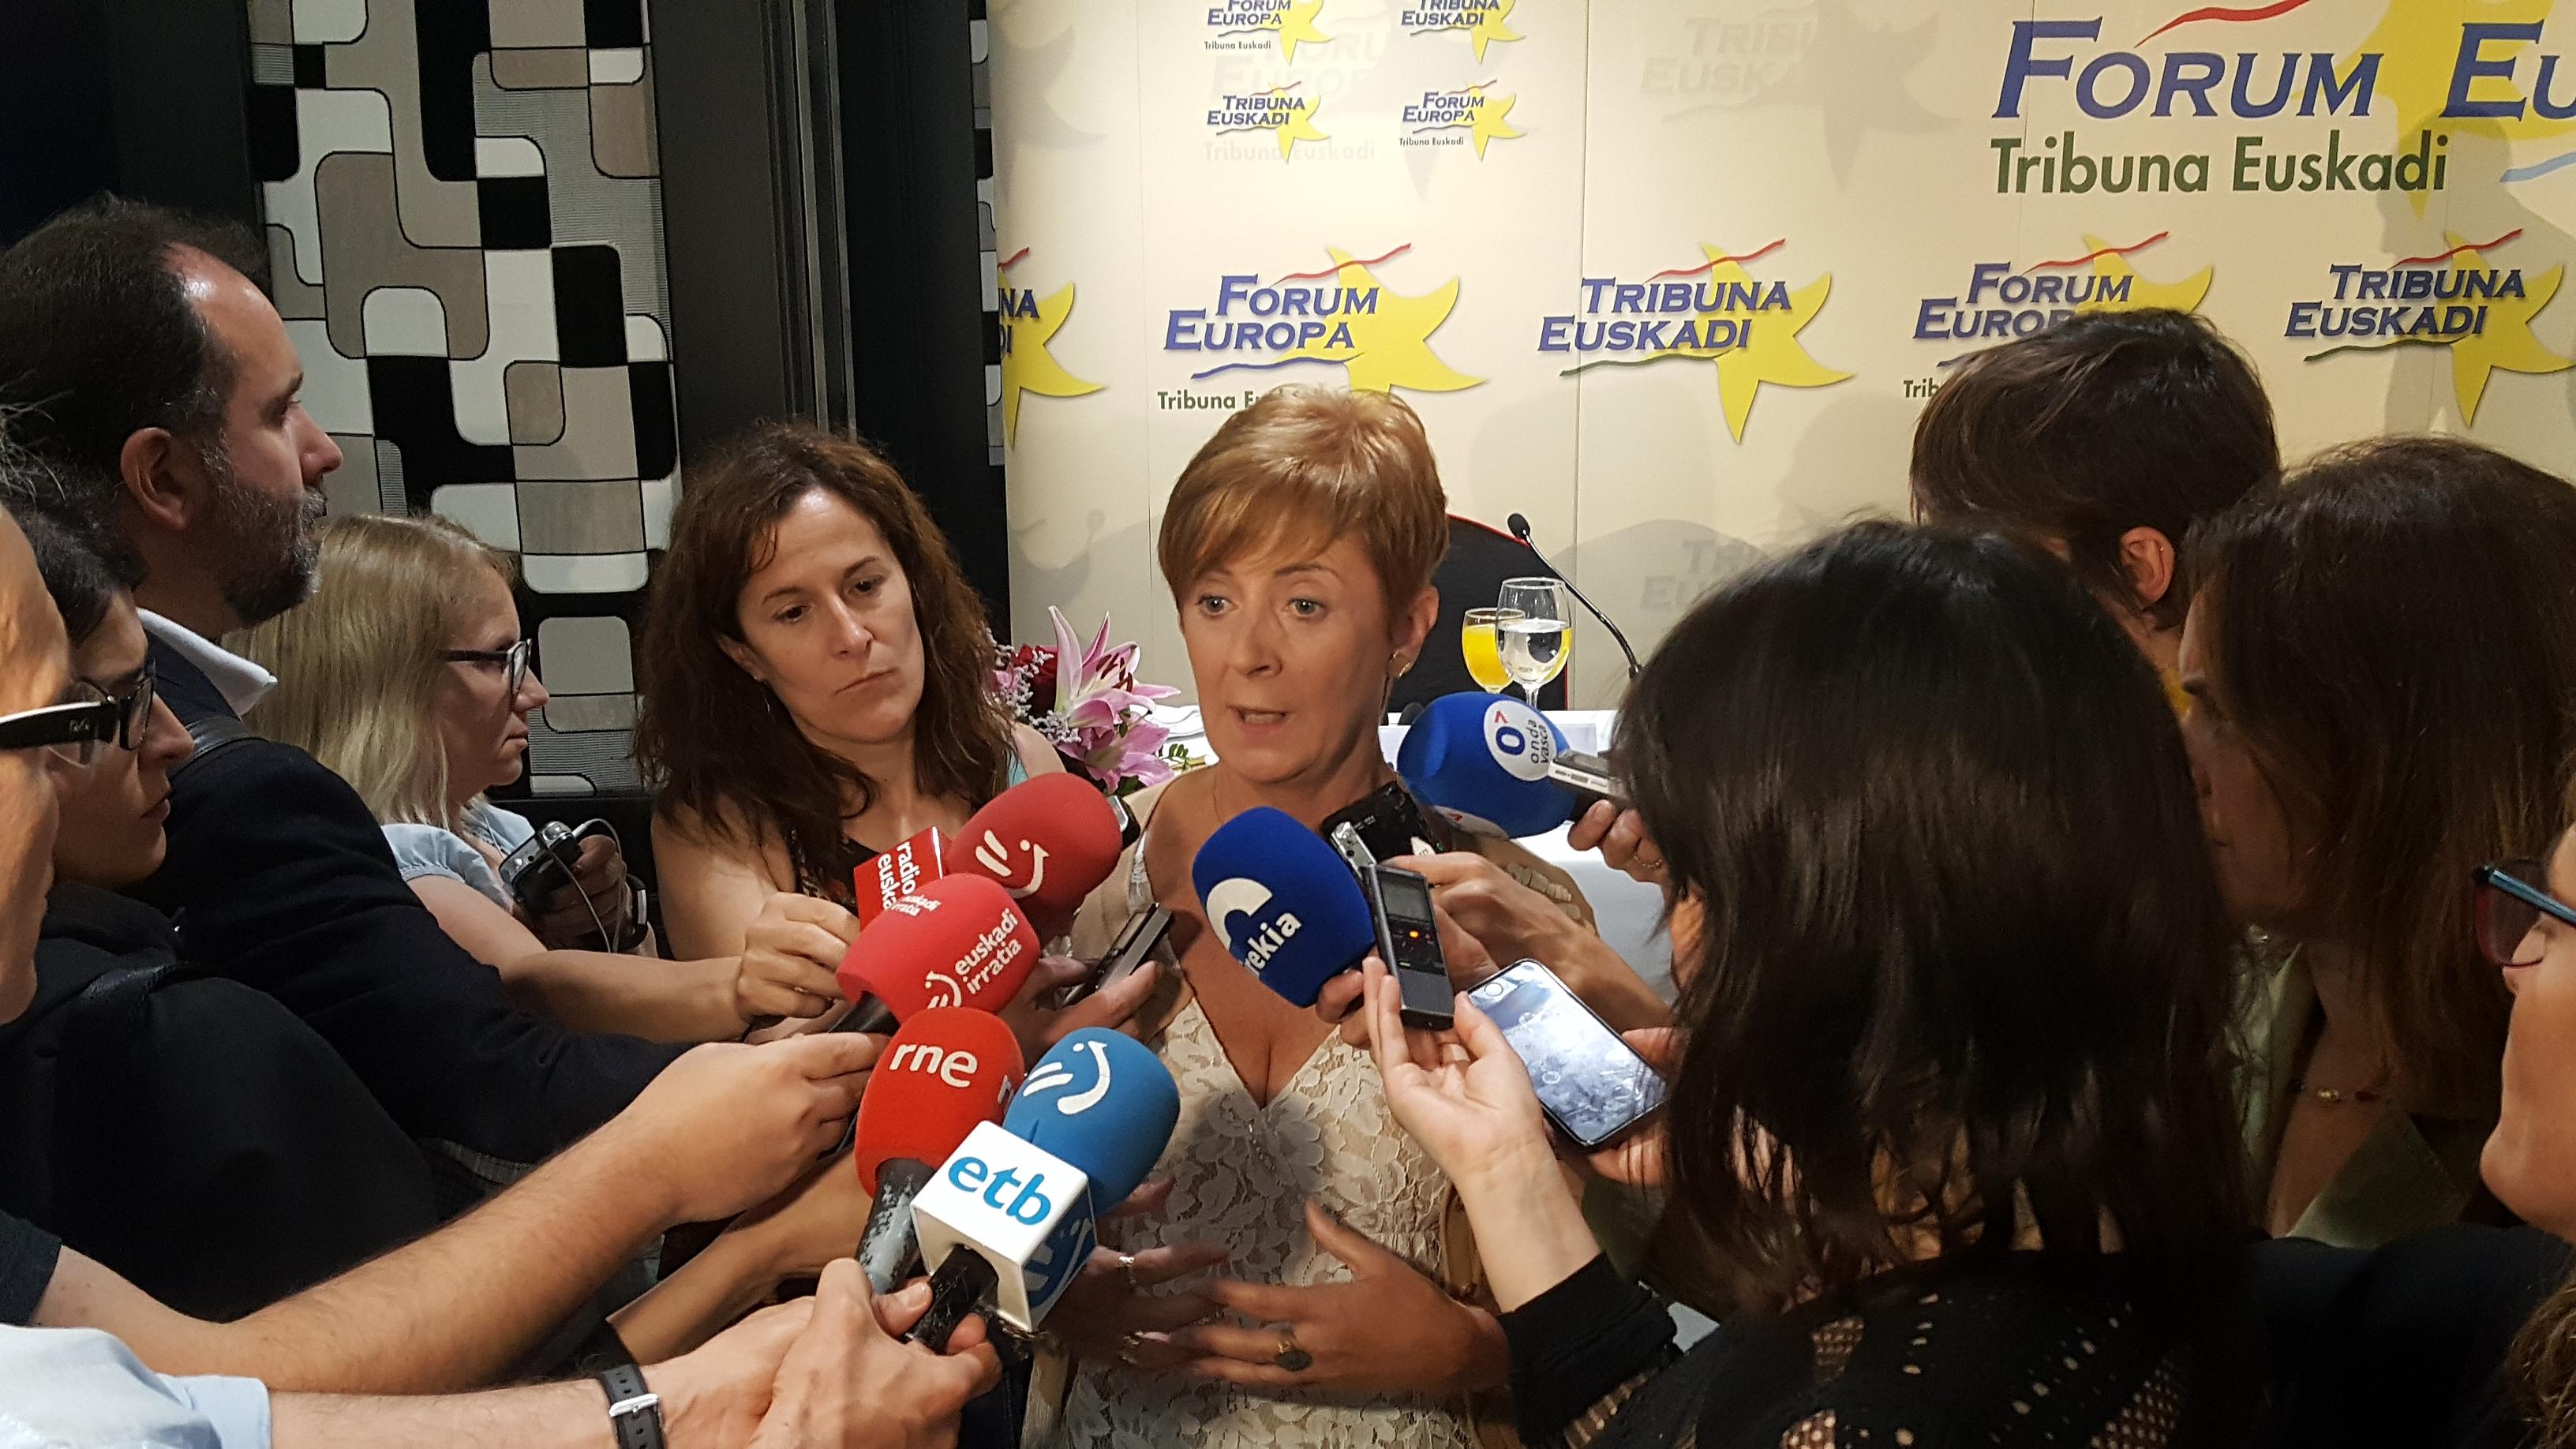 La alta velocidad en Euskadi sigue siendo prioritaria para Europa